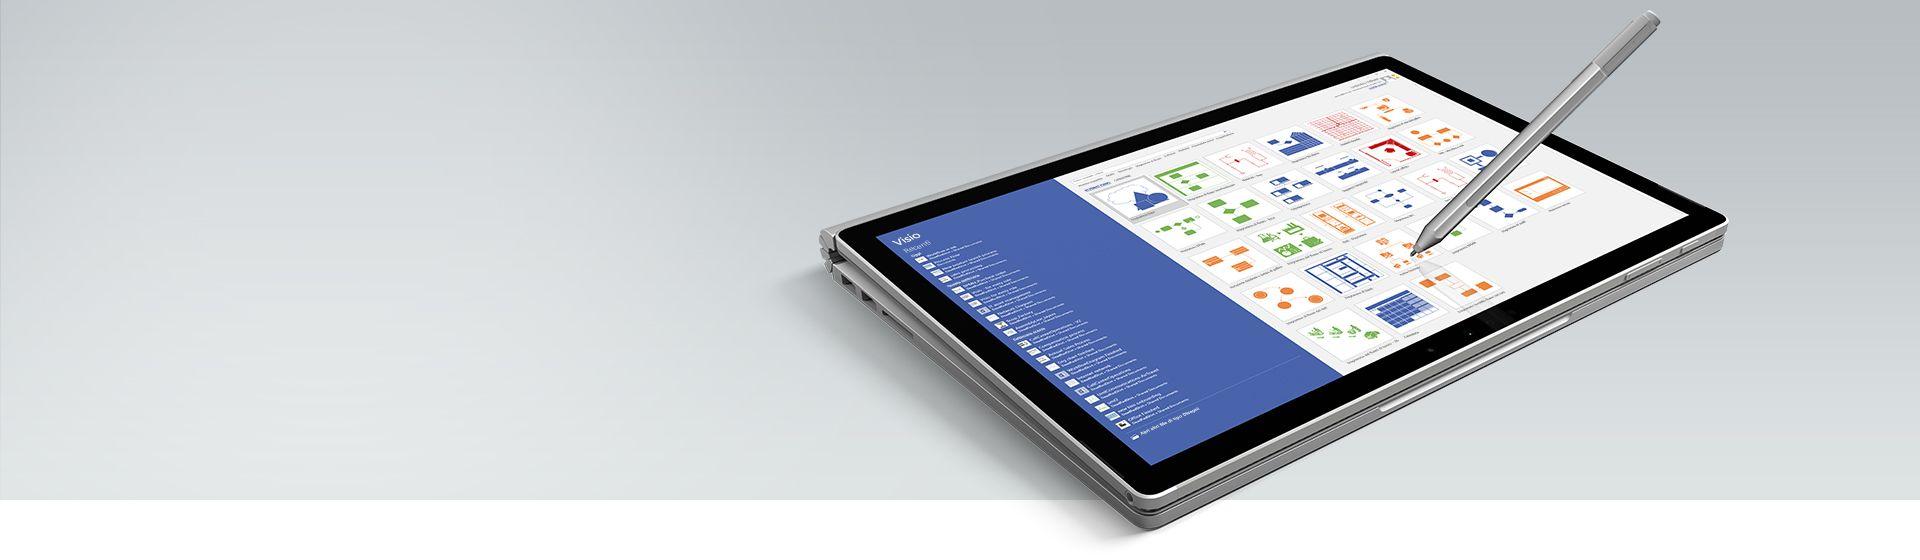 Tablet Microsoft Surface che visualizza i modelli disponibili e i file recenti in Visio